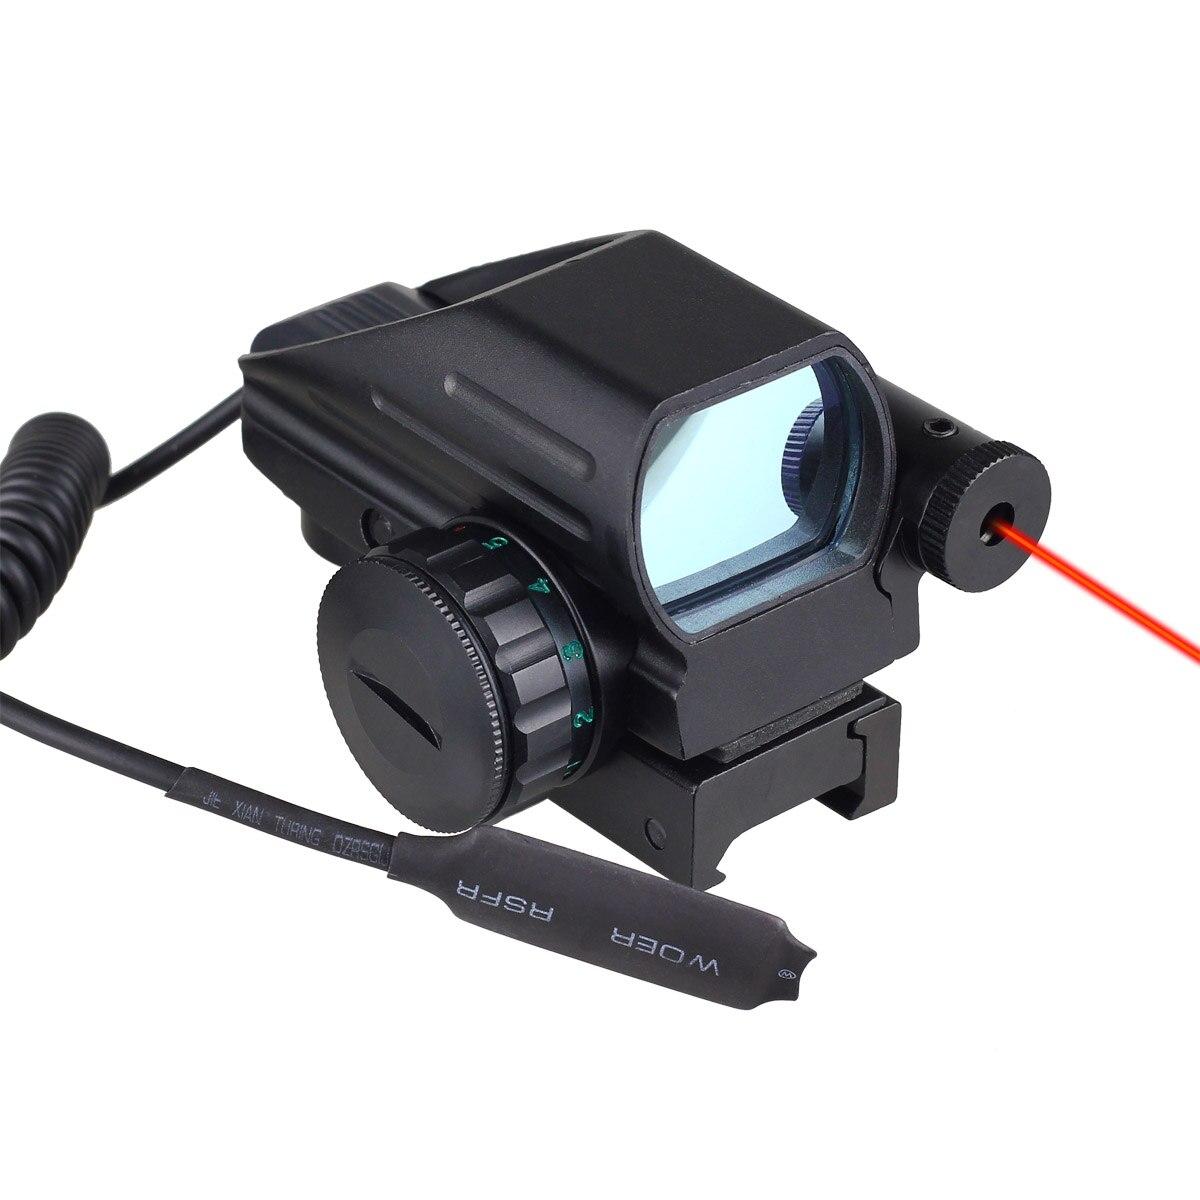 Голографический лазерный прицел рефлекс 4 красный зеленый точка сетка Пикатинни 20 мм для AR винтовка 12ga дробовик Airsoft Охота